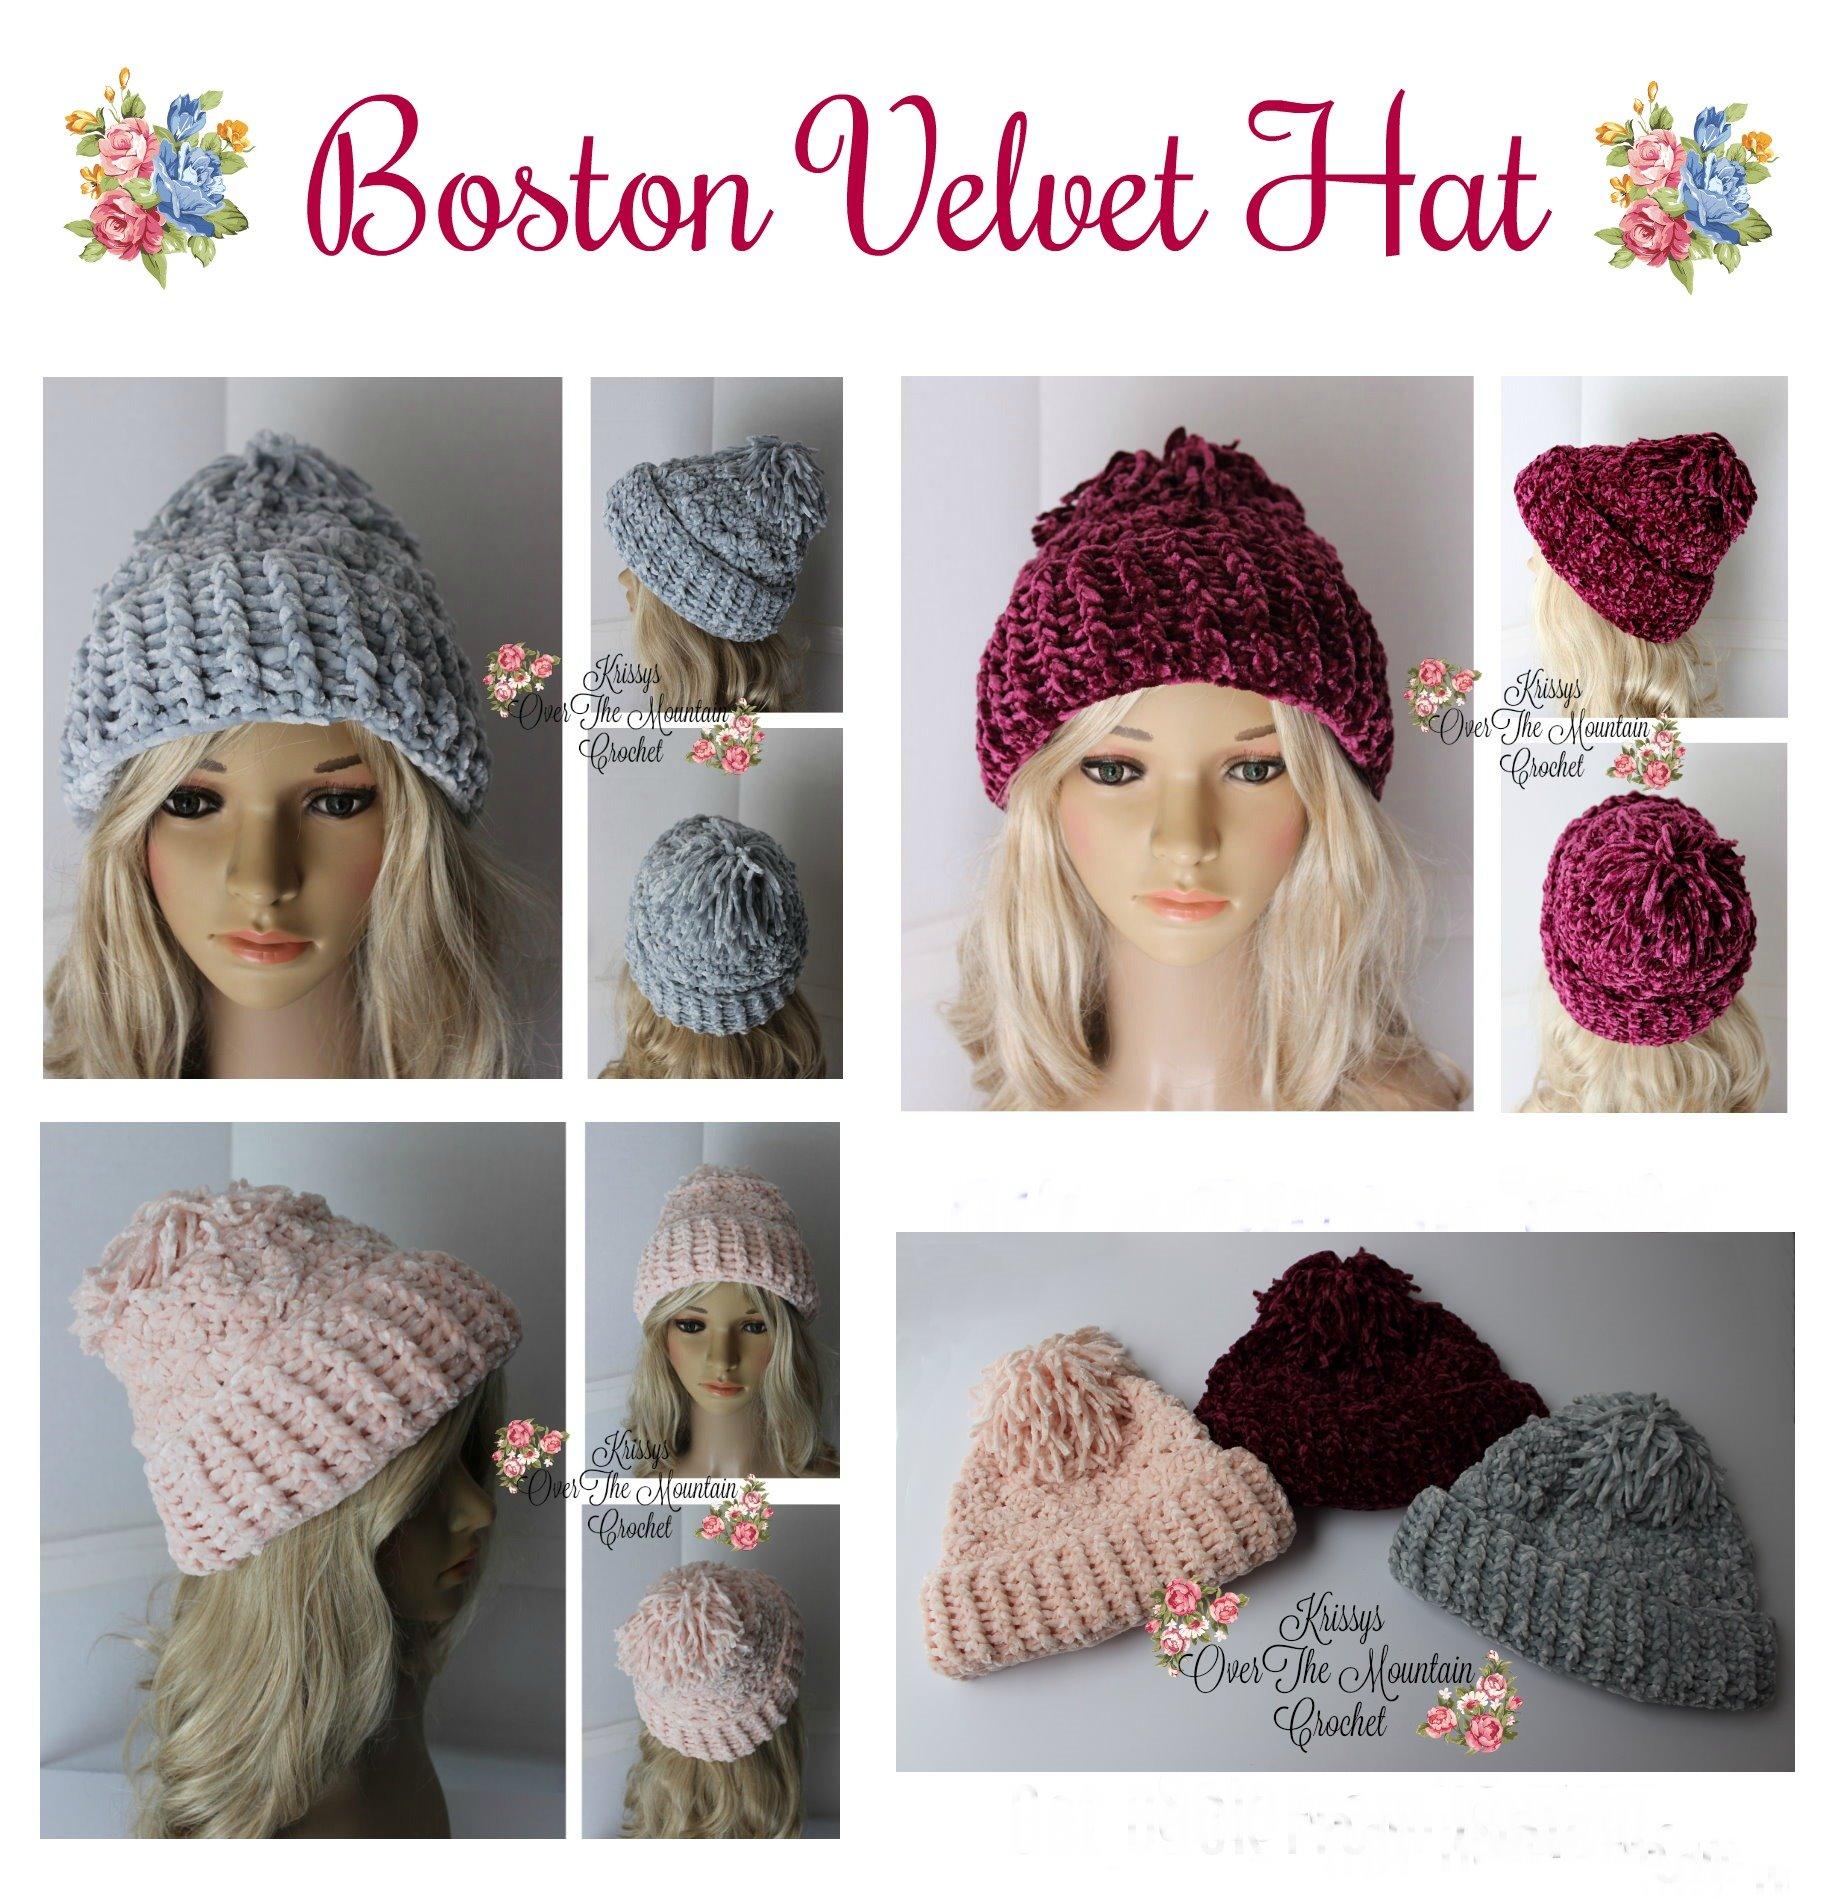 Boston Velvet Hat